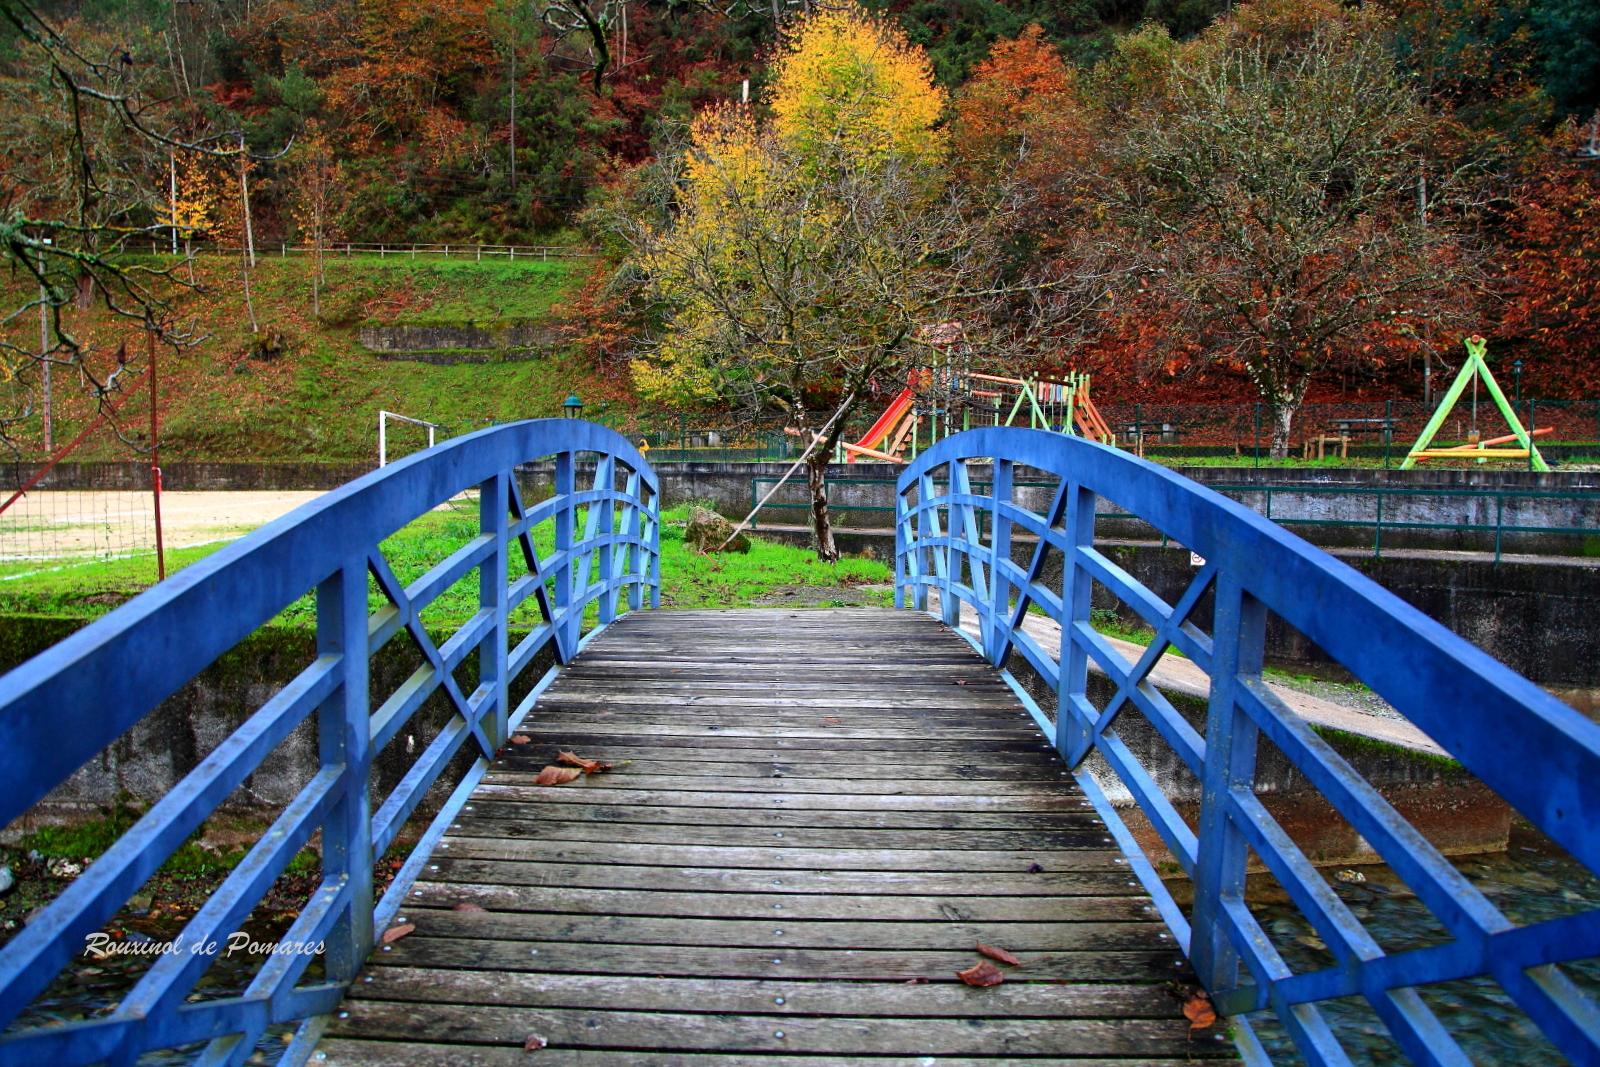 Outono em Pomares I (4)